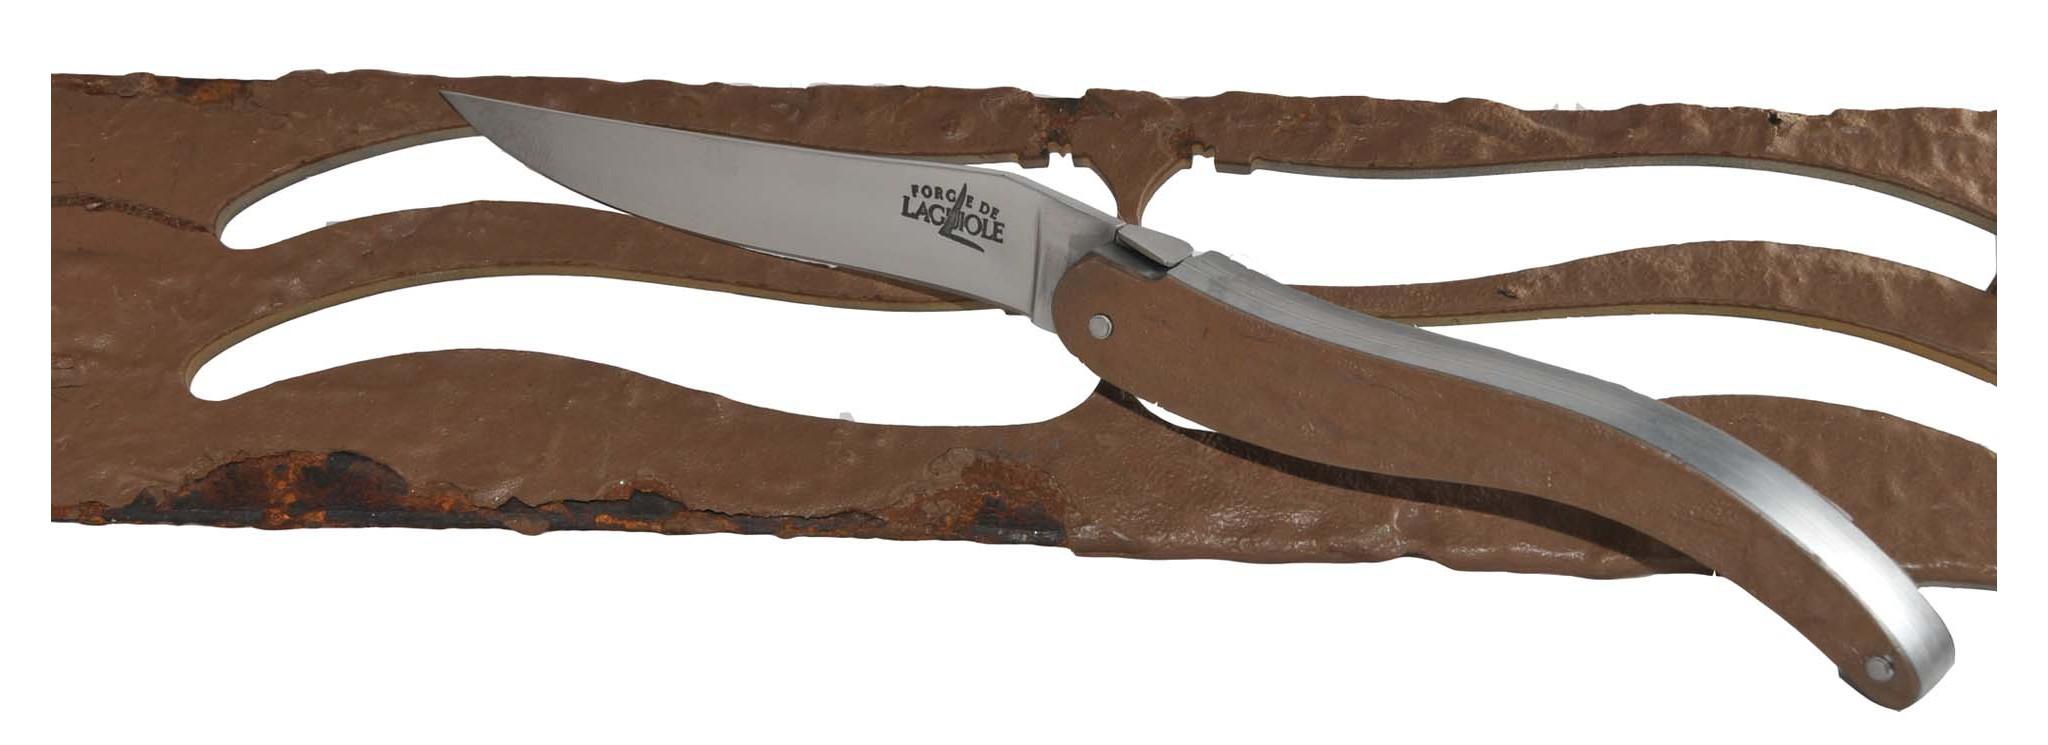 Plancha forge adour perigueux dordogne 04962f3ed3c9